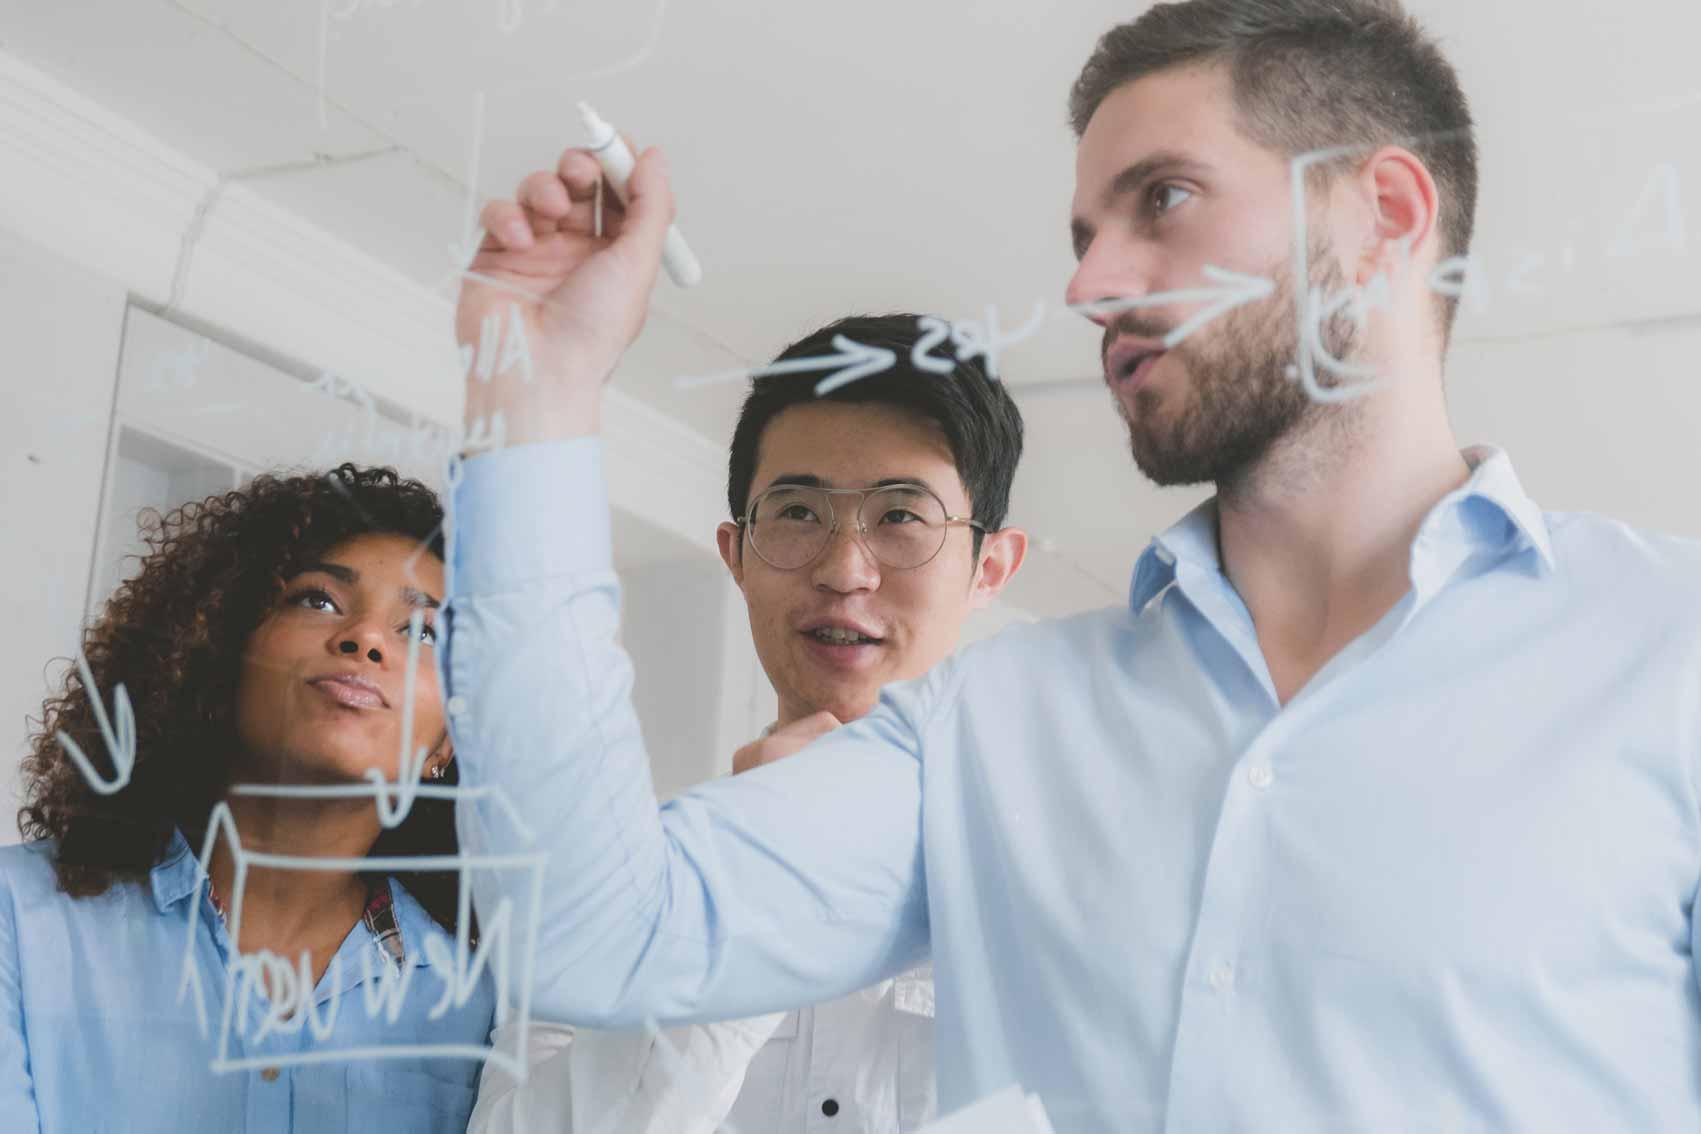 Ein Experte aus dem Fachbereich zeichnet auf eine Tafel und erklärt dabei den Bewerbern ihre zukünftige Jobrolle.